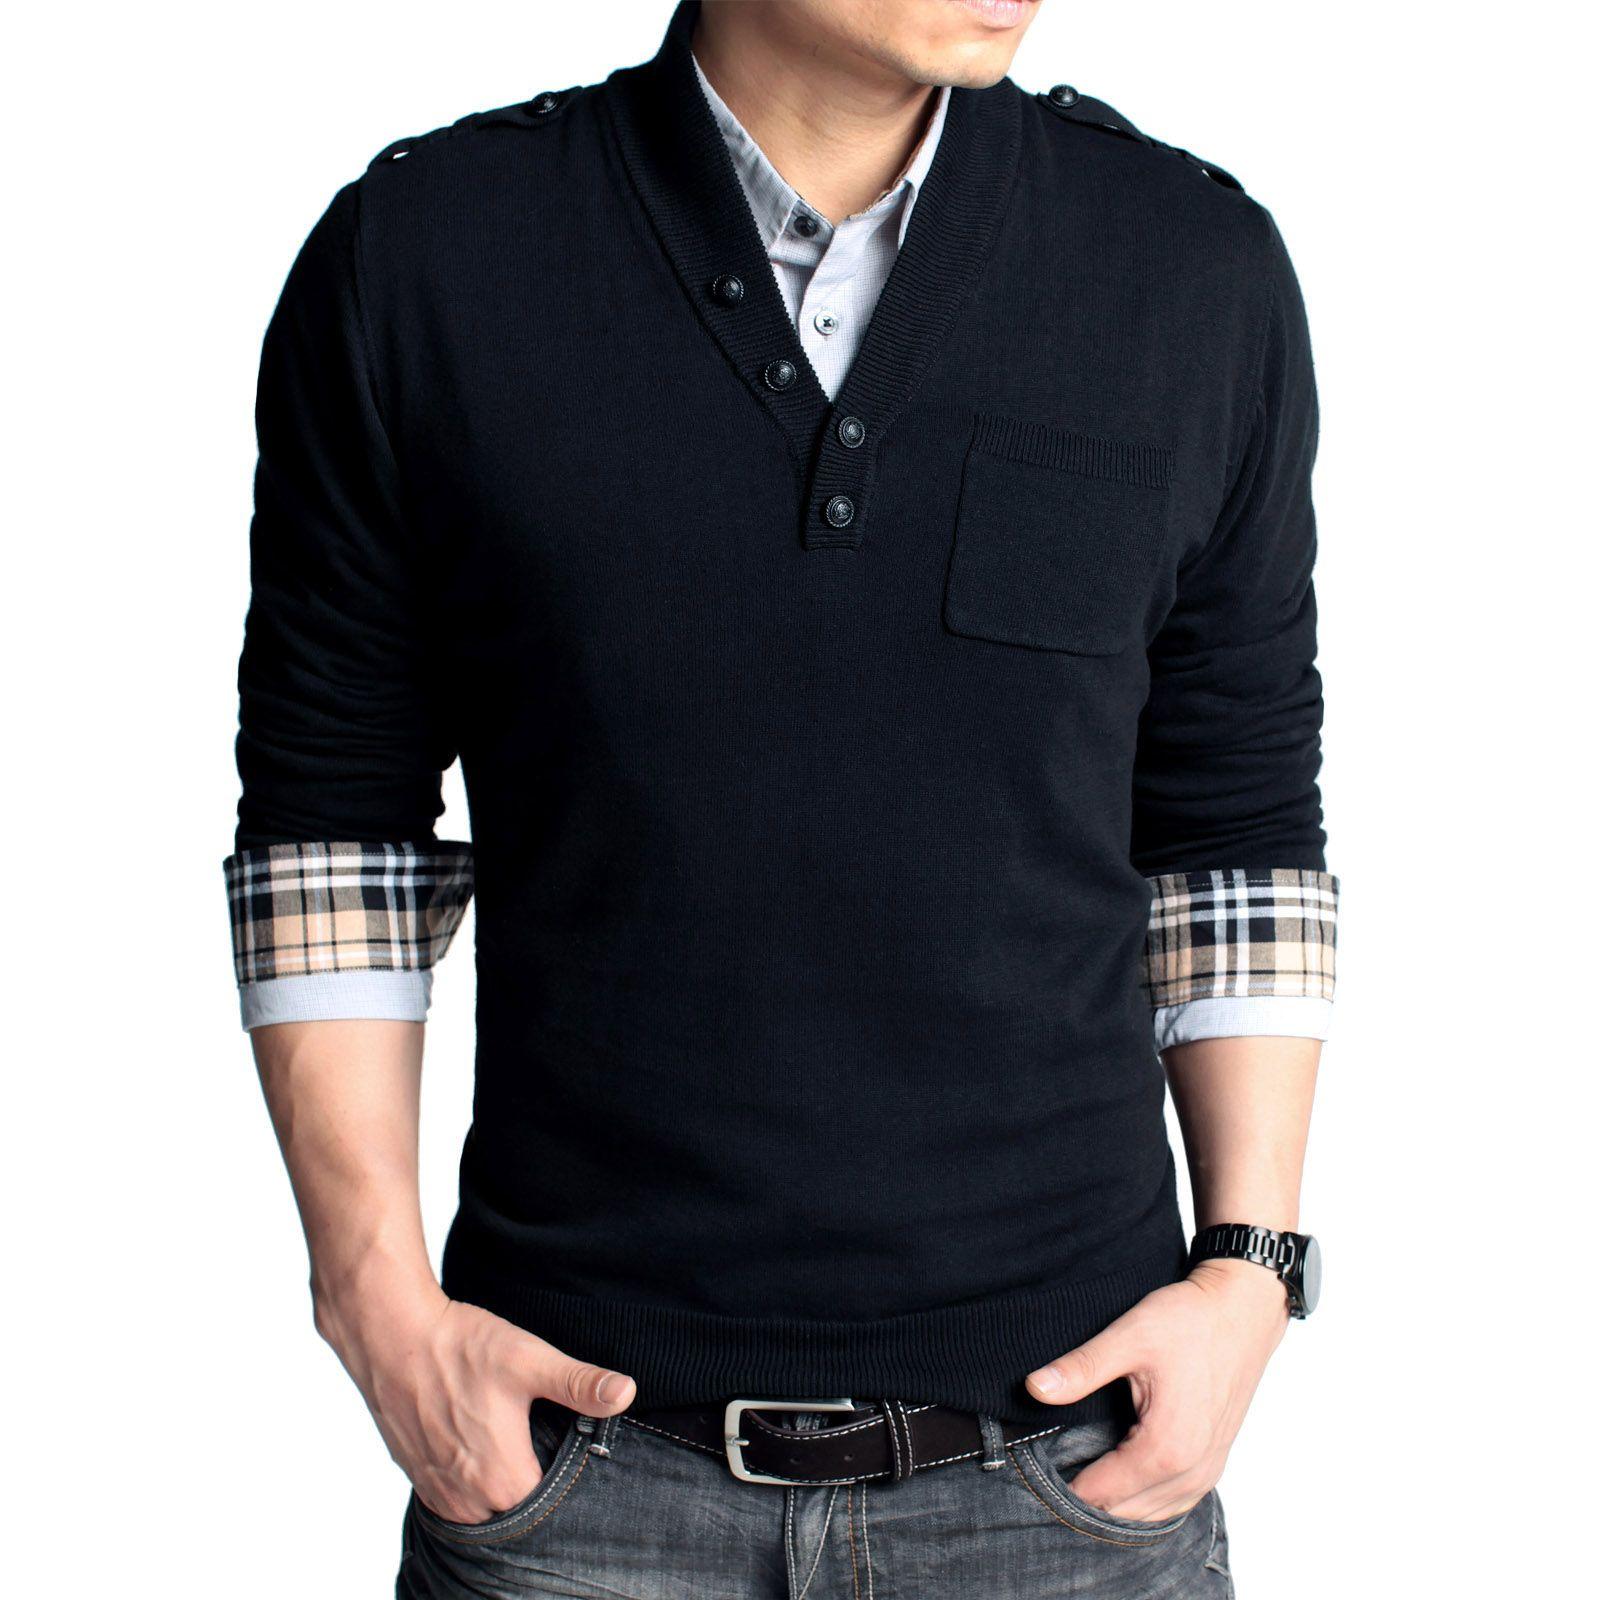 Casual menus fashion menus vneck sweater simple fashion korean